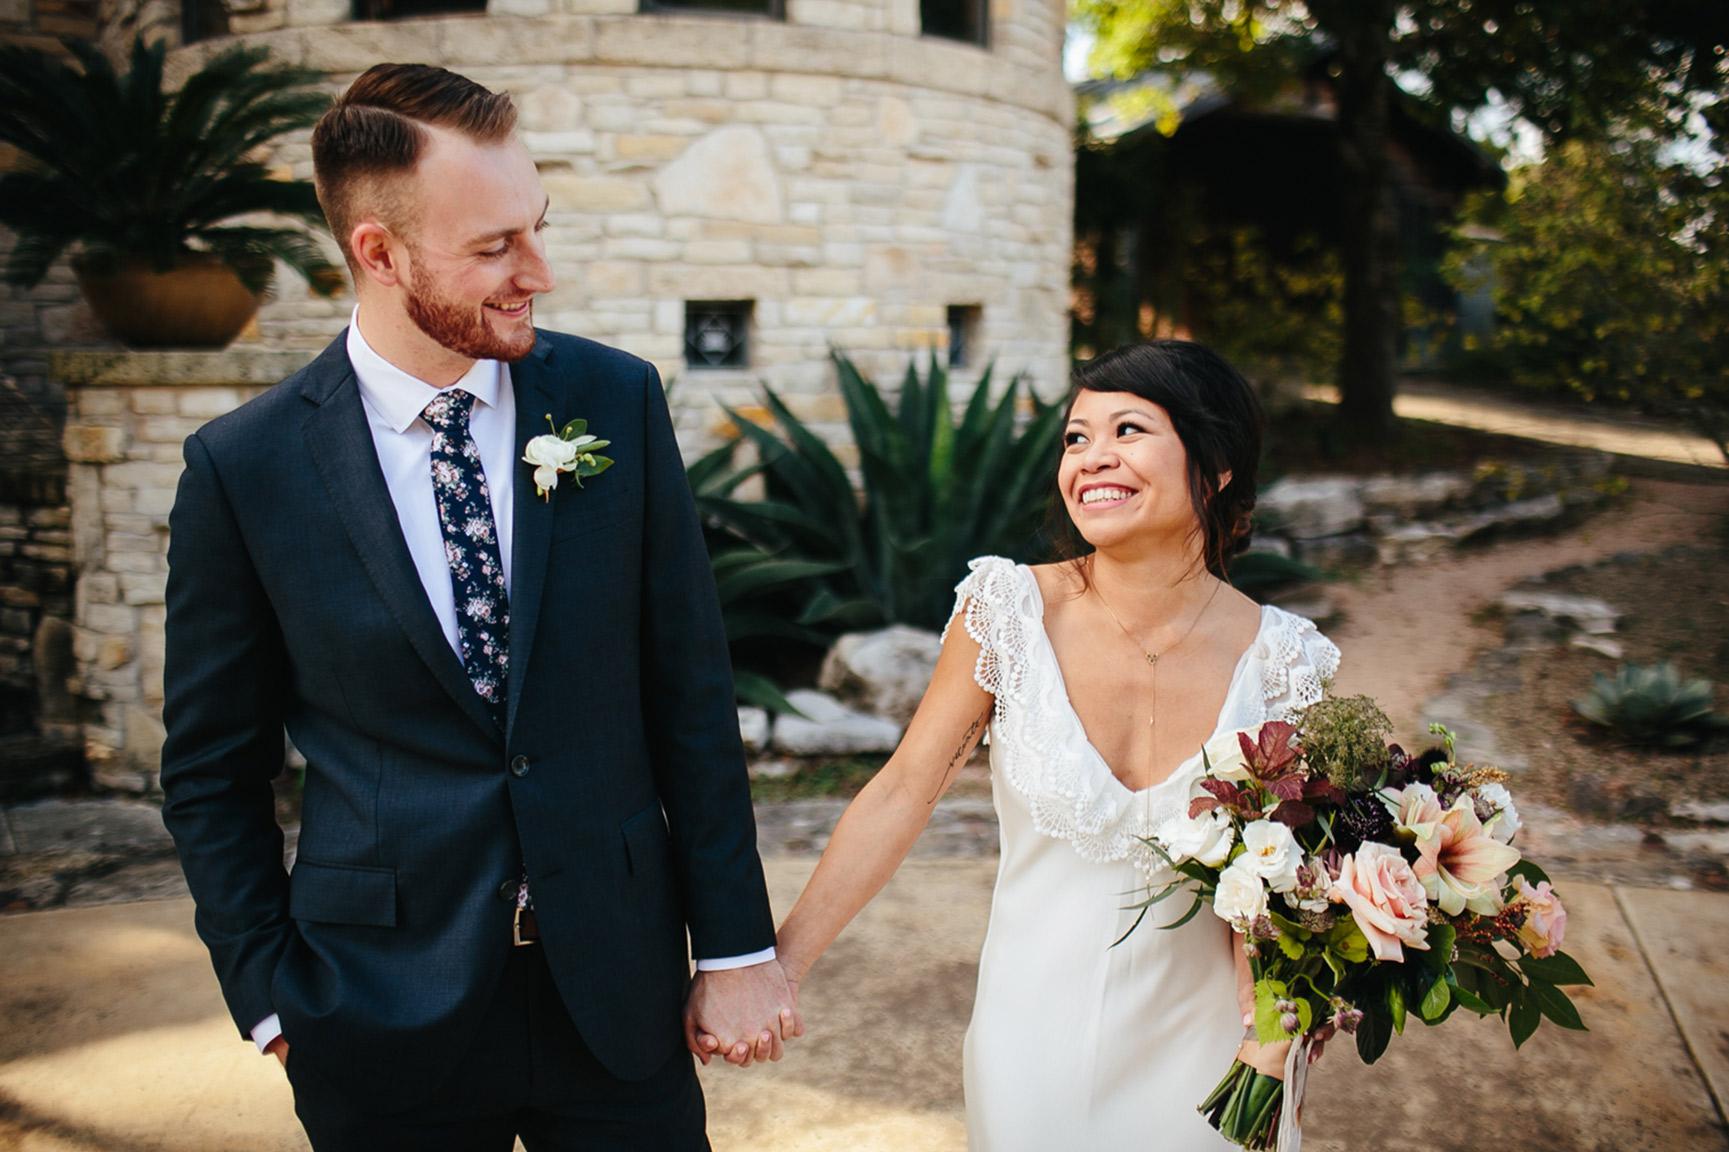 austin_WeddingPhotographer_011.jpg